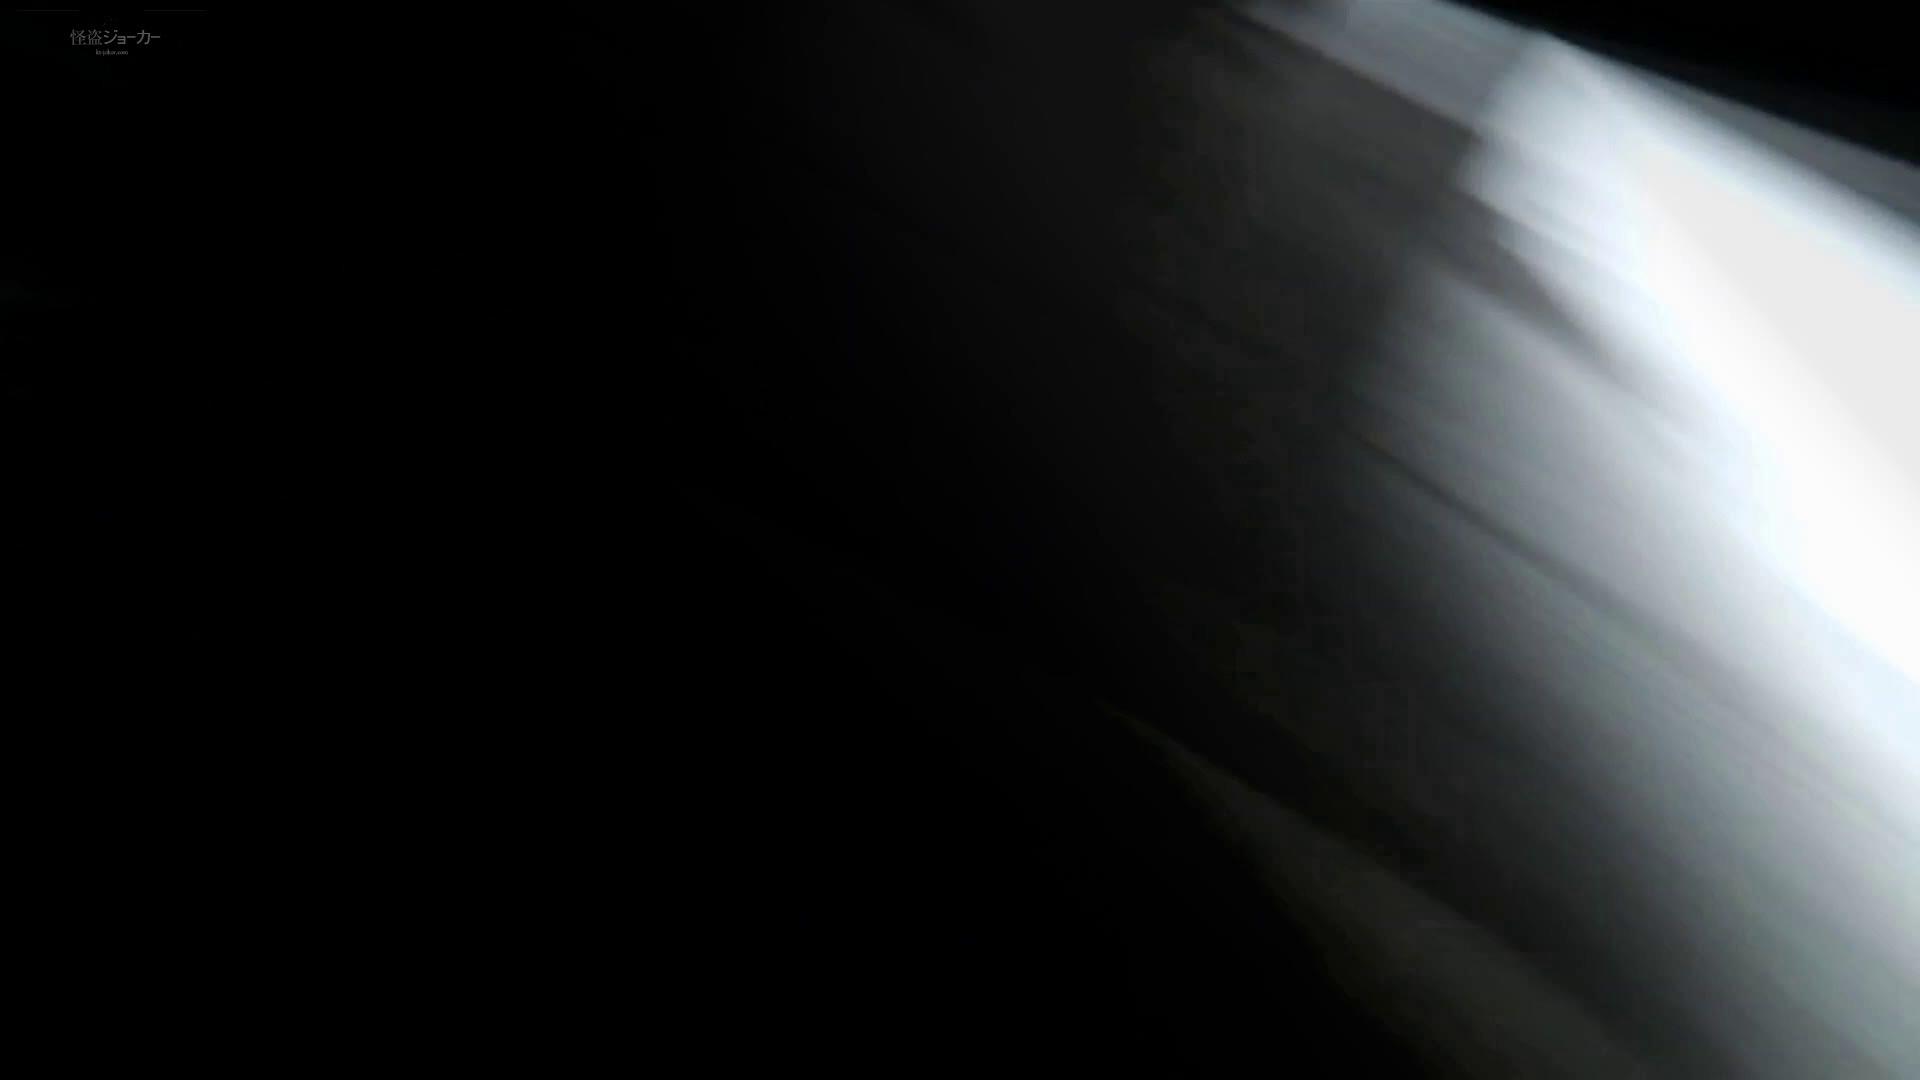 ステーション編 vol.26 壁を乗り越えたら絶景が待っていた!! ギャル攻め スケベ動画紹介 100画像 44